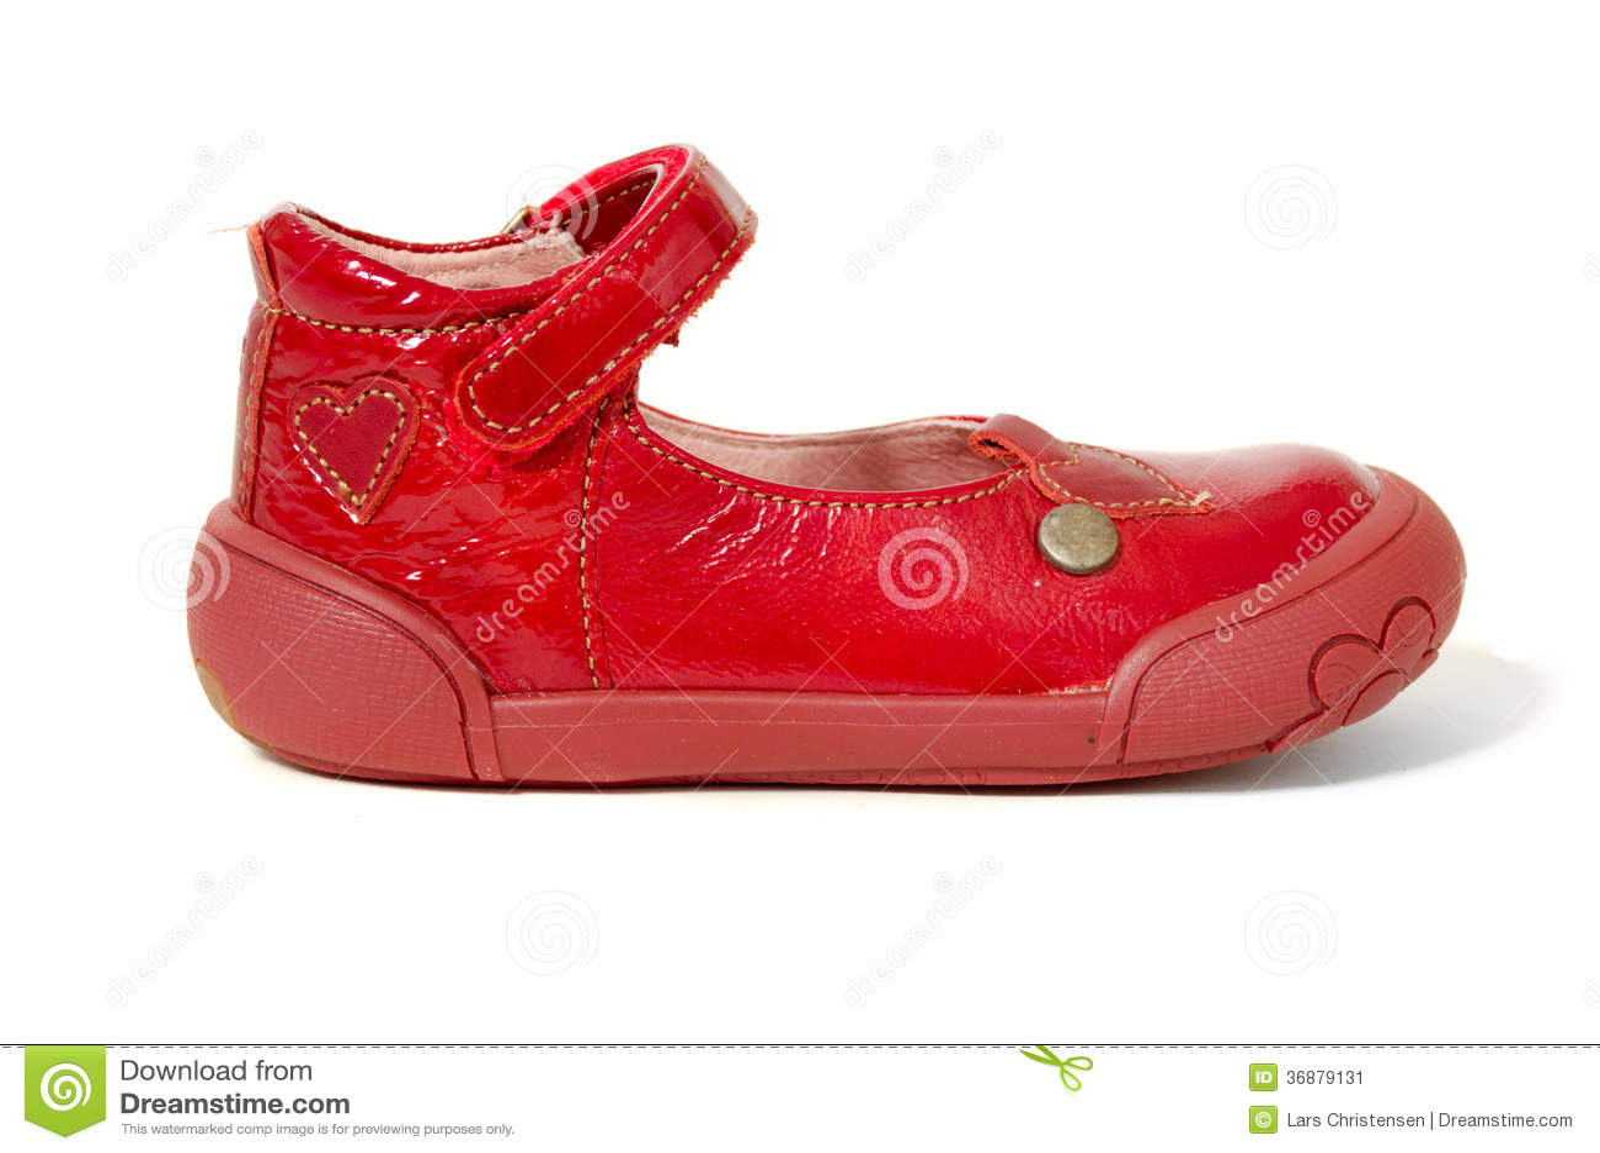 Download Scarpa rossa immagine stock. Immagine di isolato, closeup - 36879131